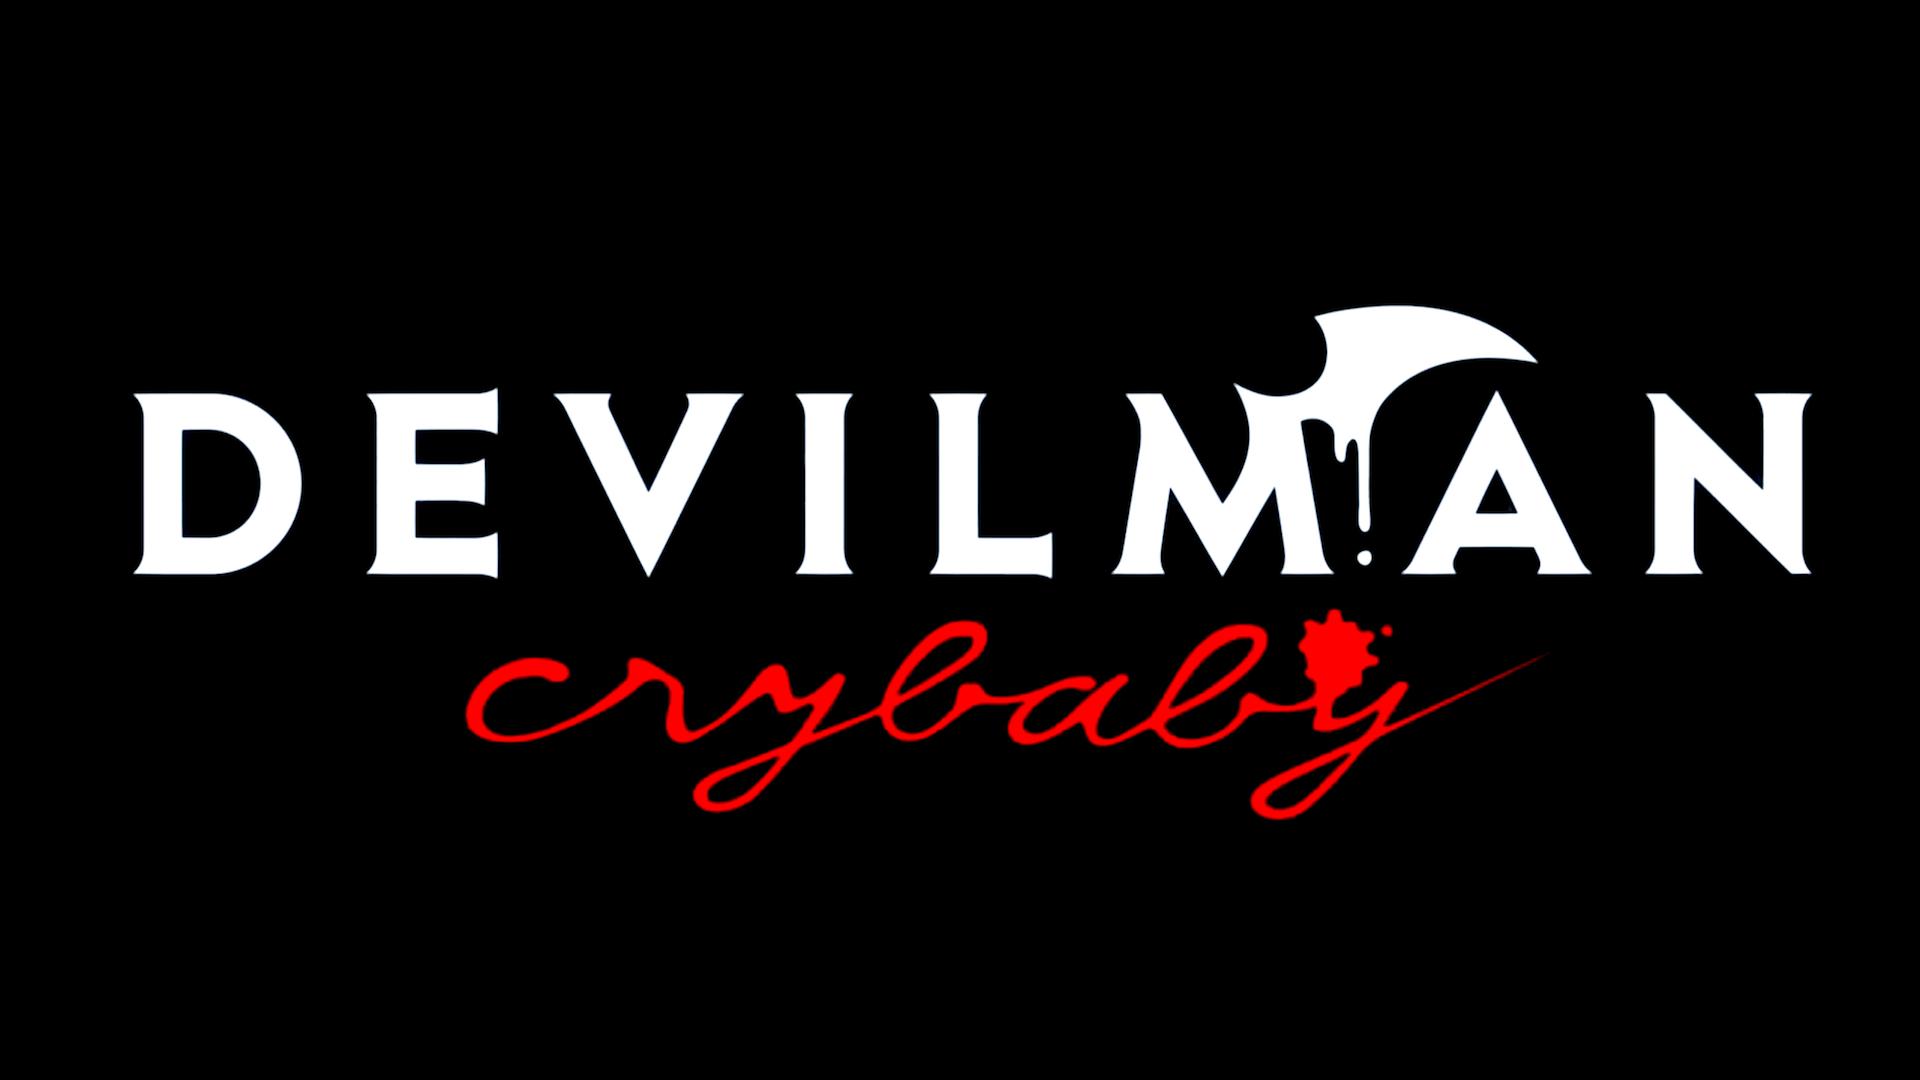 Devilman Crybaby Hd Wallpaper Hintergrund 1920x1080 Id903022